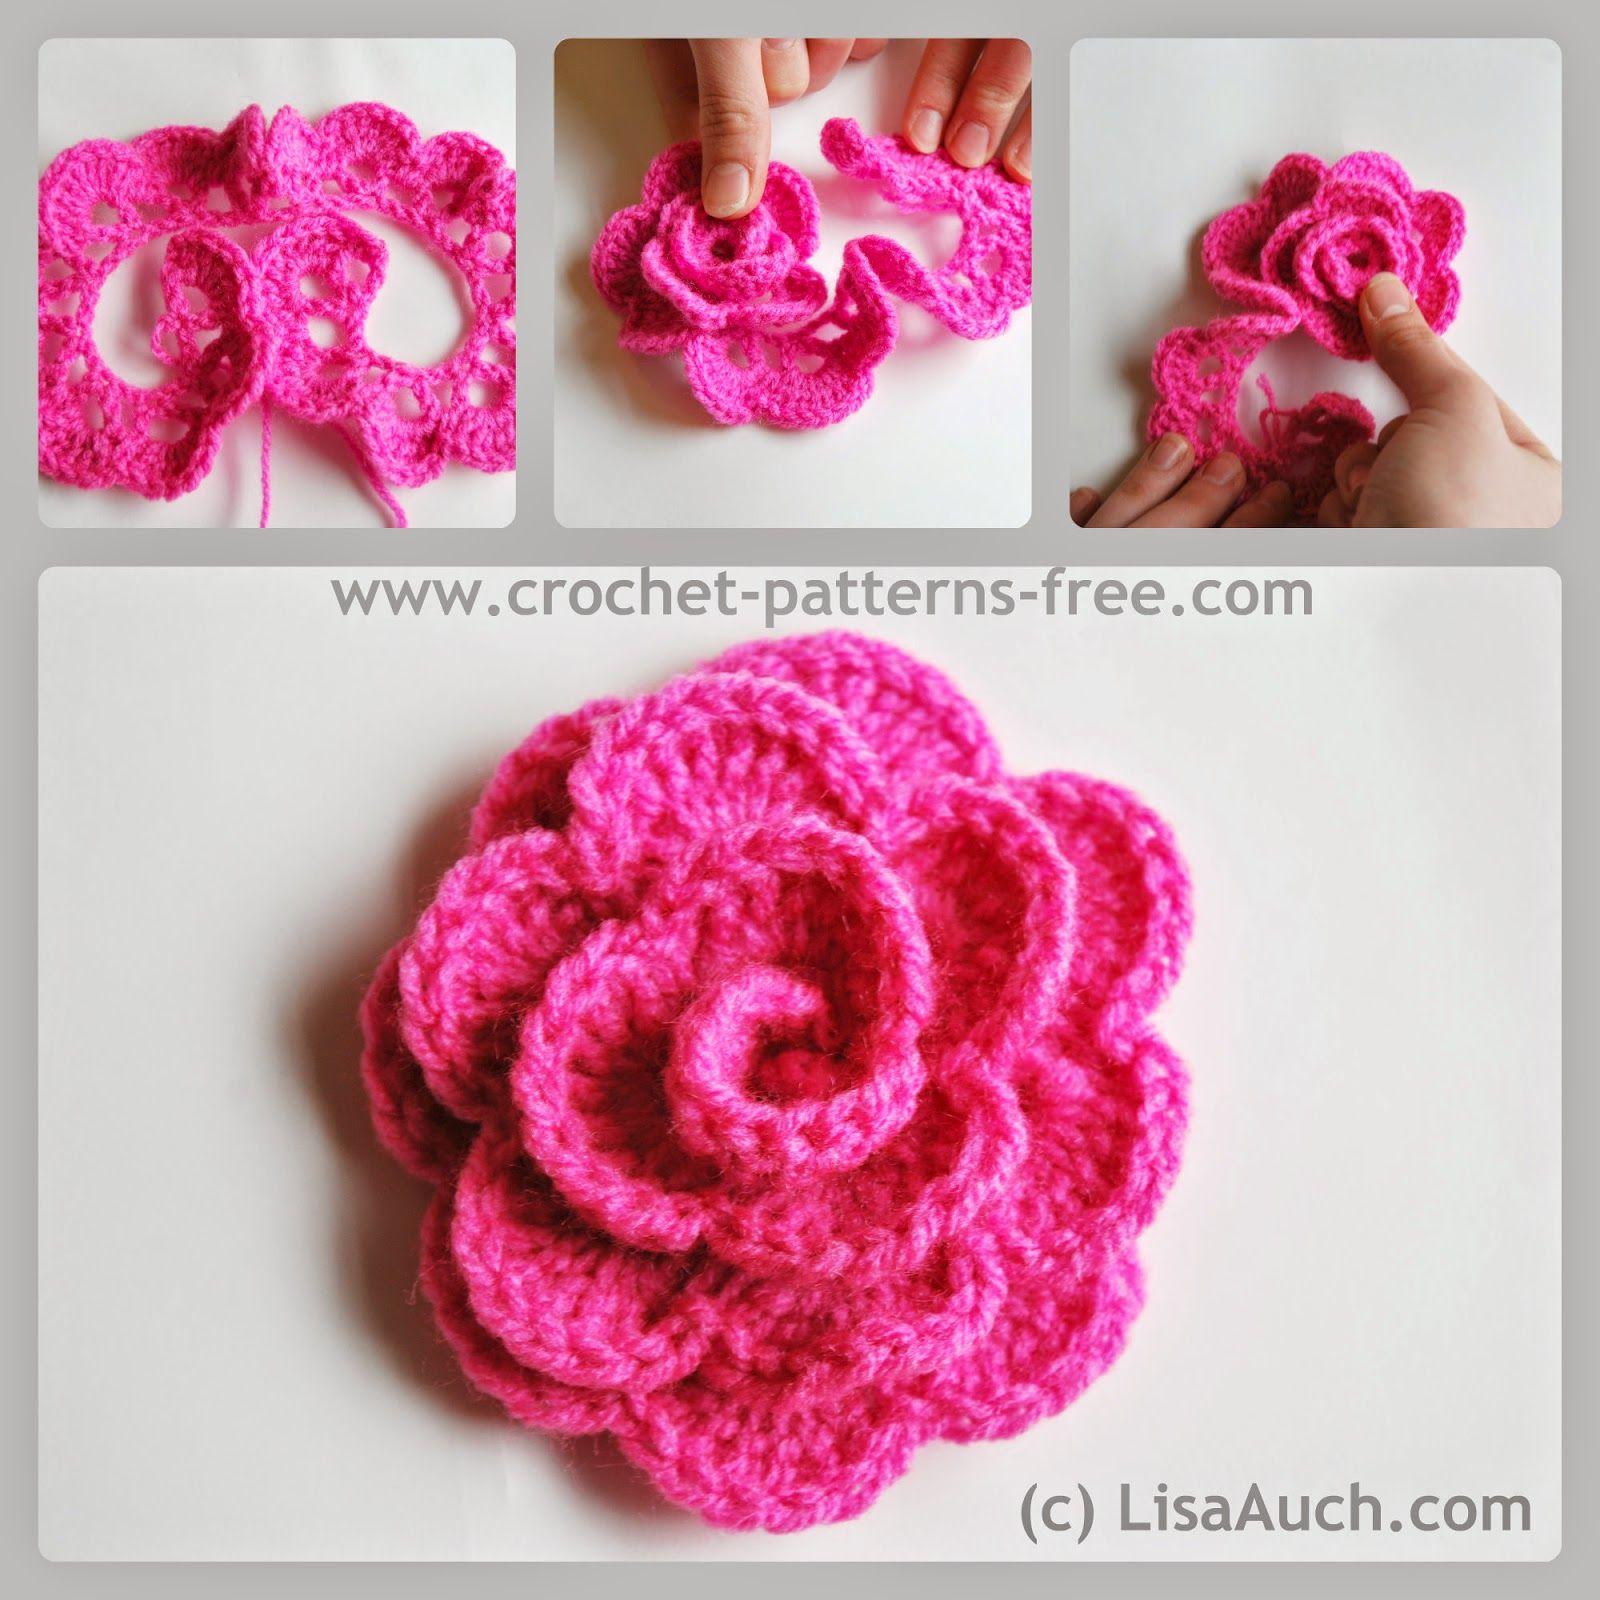 Free Crochet Flower Pattern How to crochet a rose | CROCHET IDEAS ...